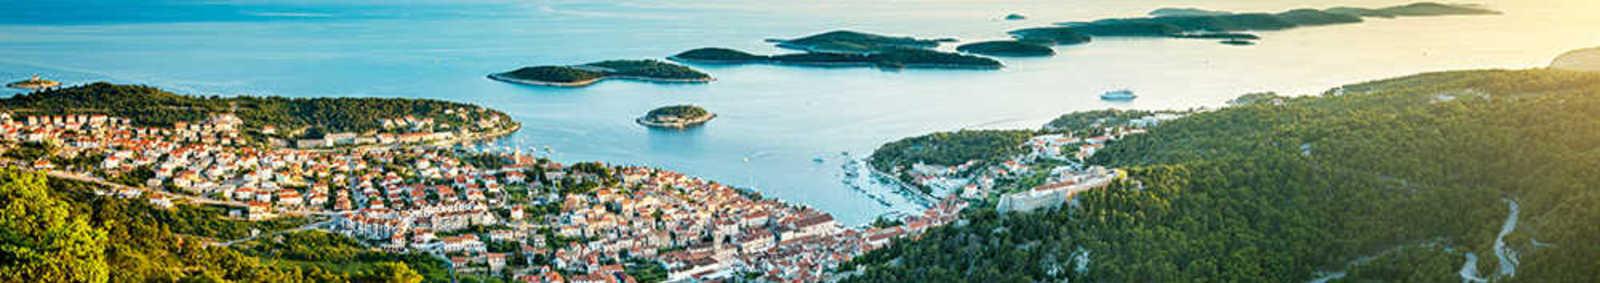 dalmation islands